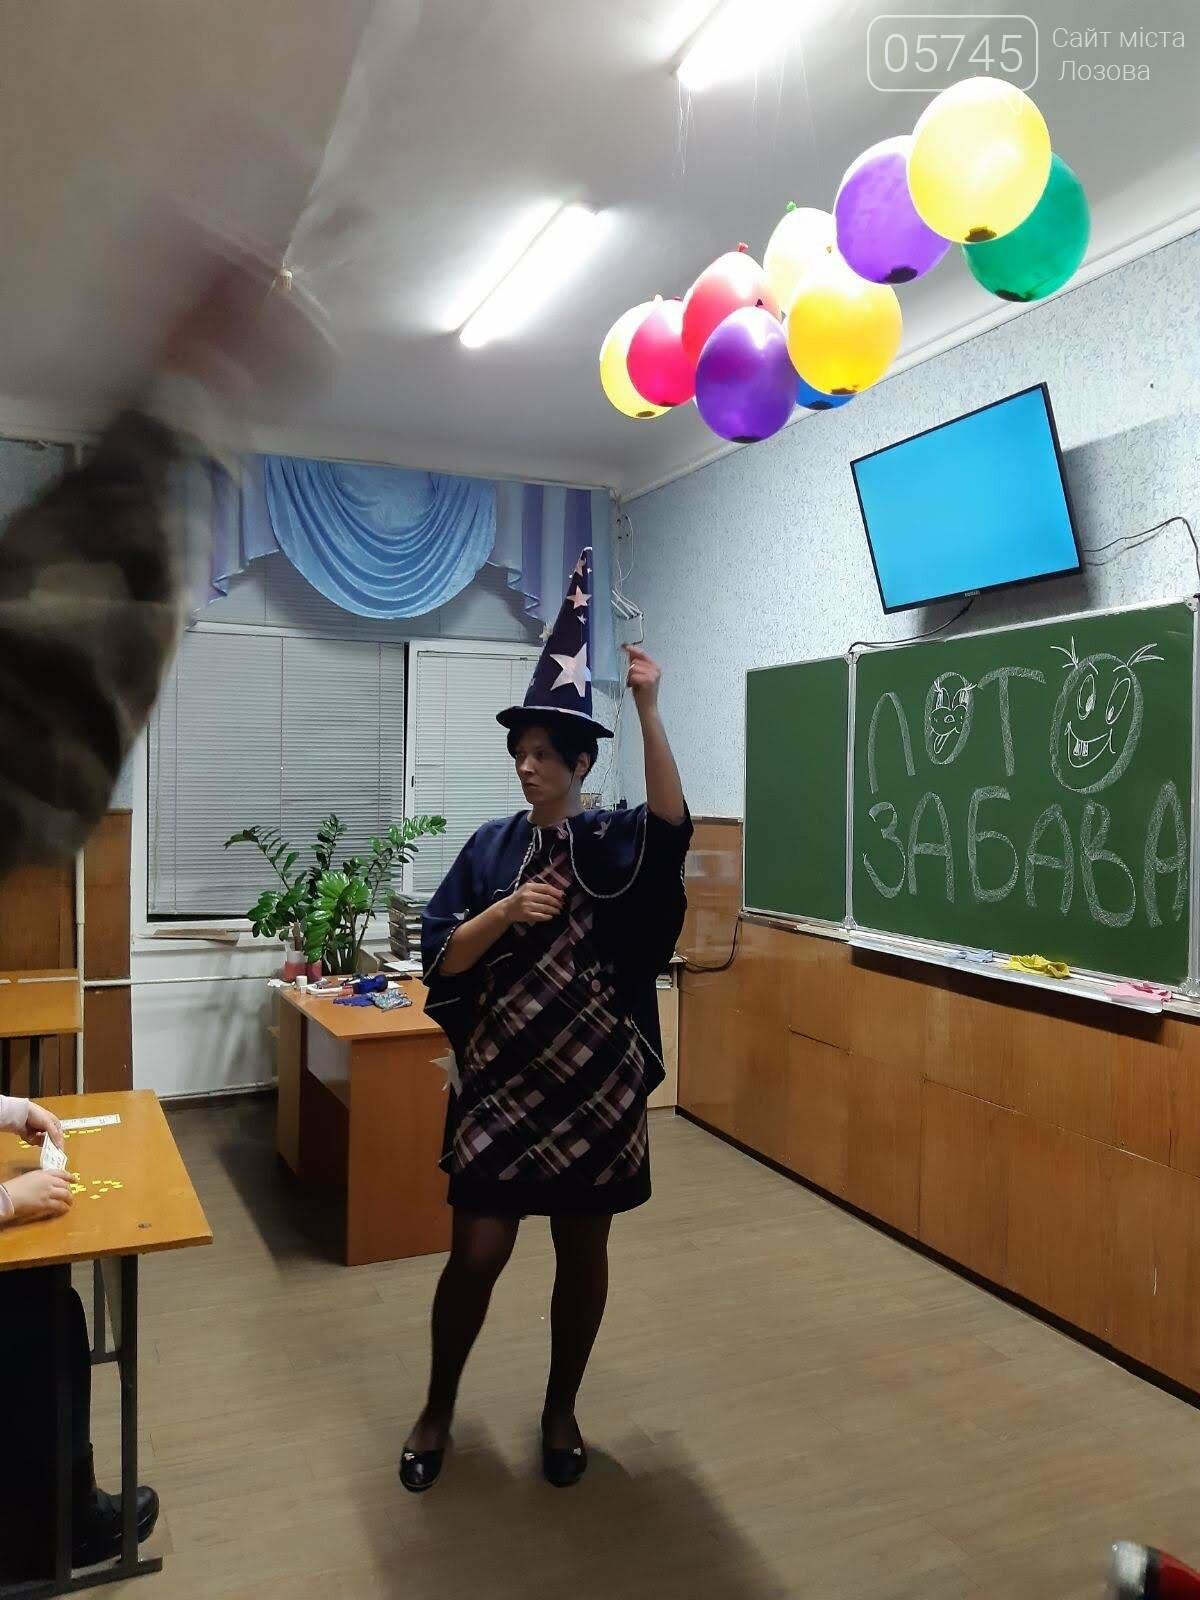 """""""Ночью в школе"""" завершился семестр для учеников Лозовской ООШ №11, фото-15"""